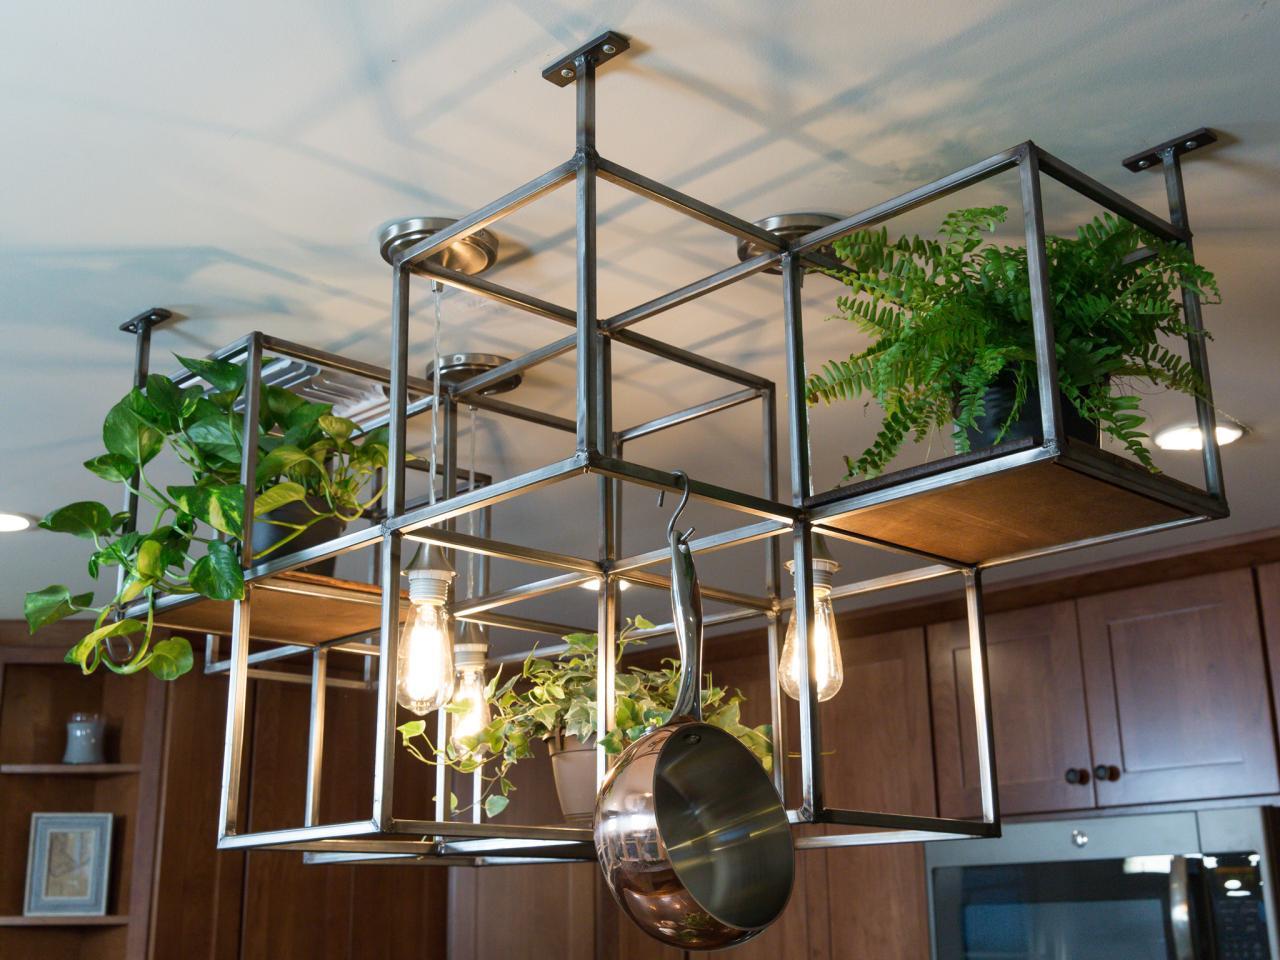 105 1 Kitchen Island Pot And Pan Rack Via Simphome com